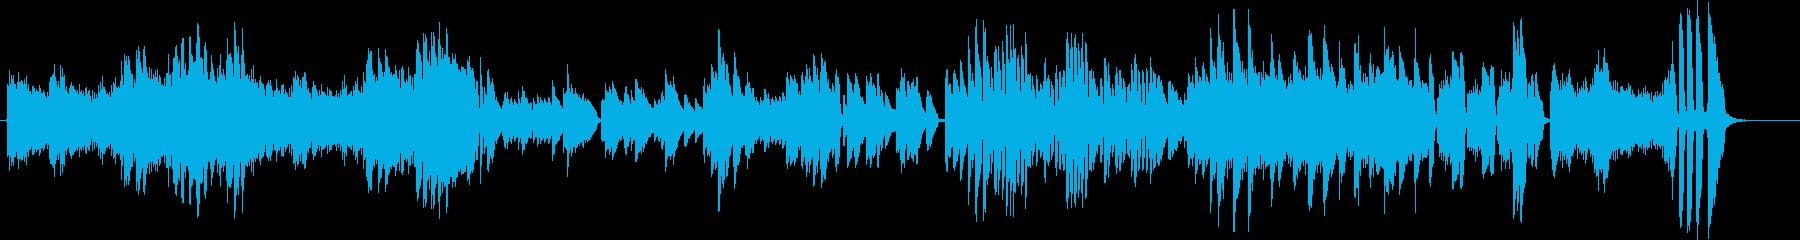 緊迫感ある激しいクラシック風ピアノ曲の再生済みの波形